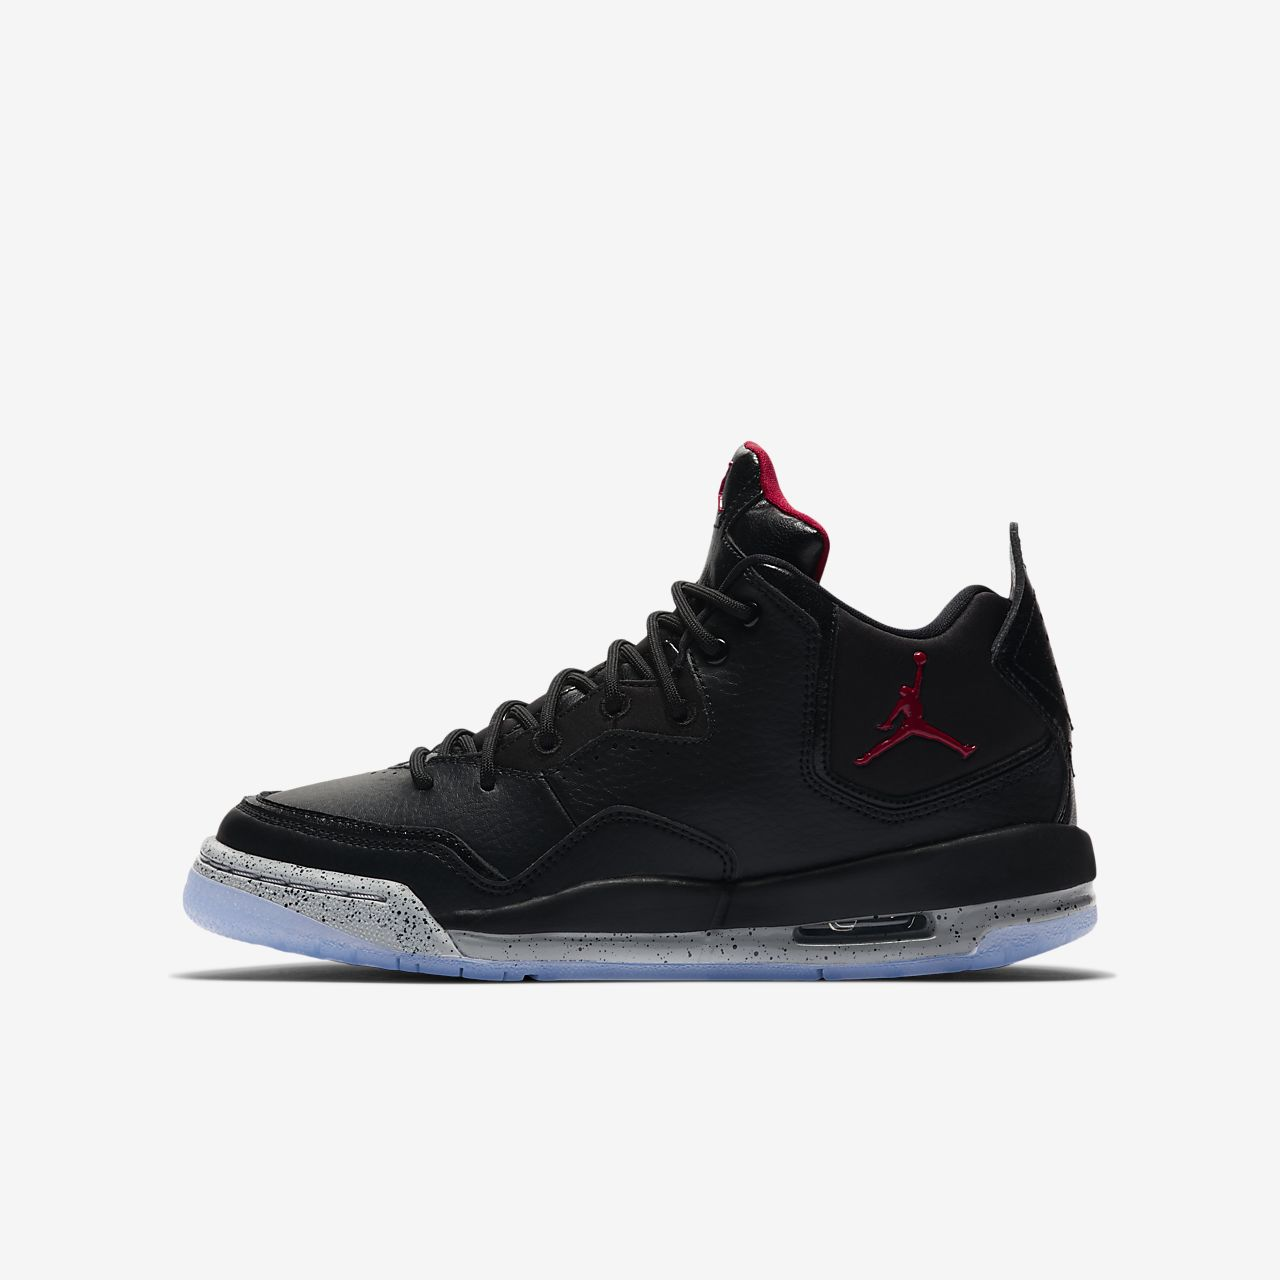 scarpe nike Jordan 23 da collezione